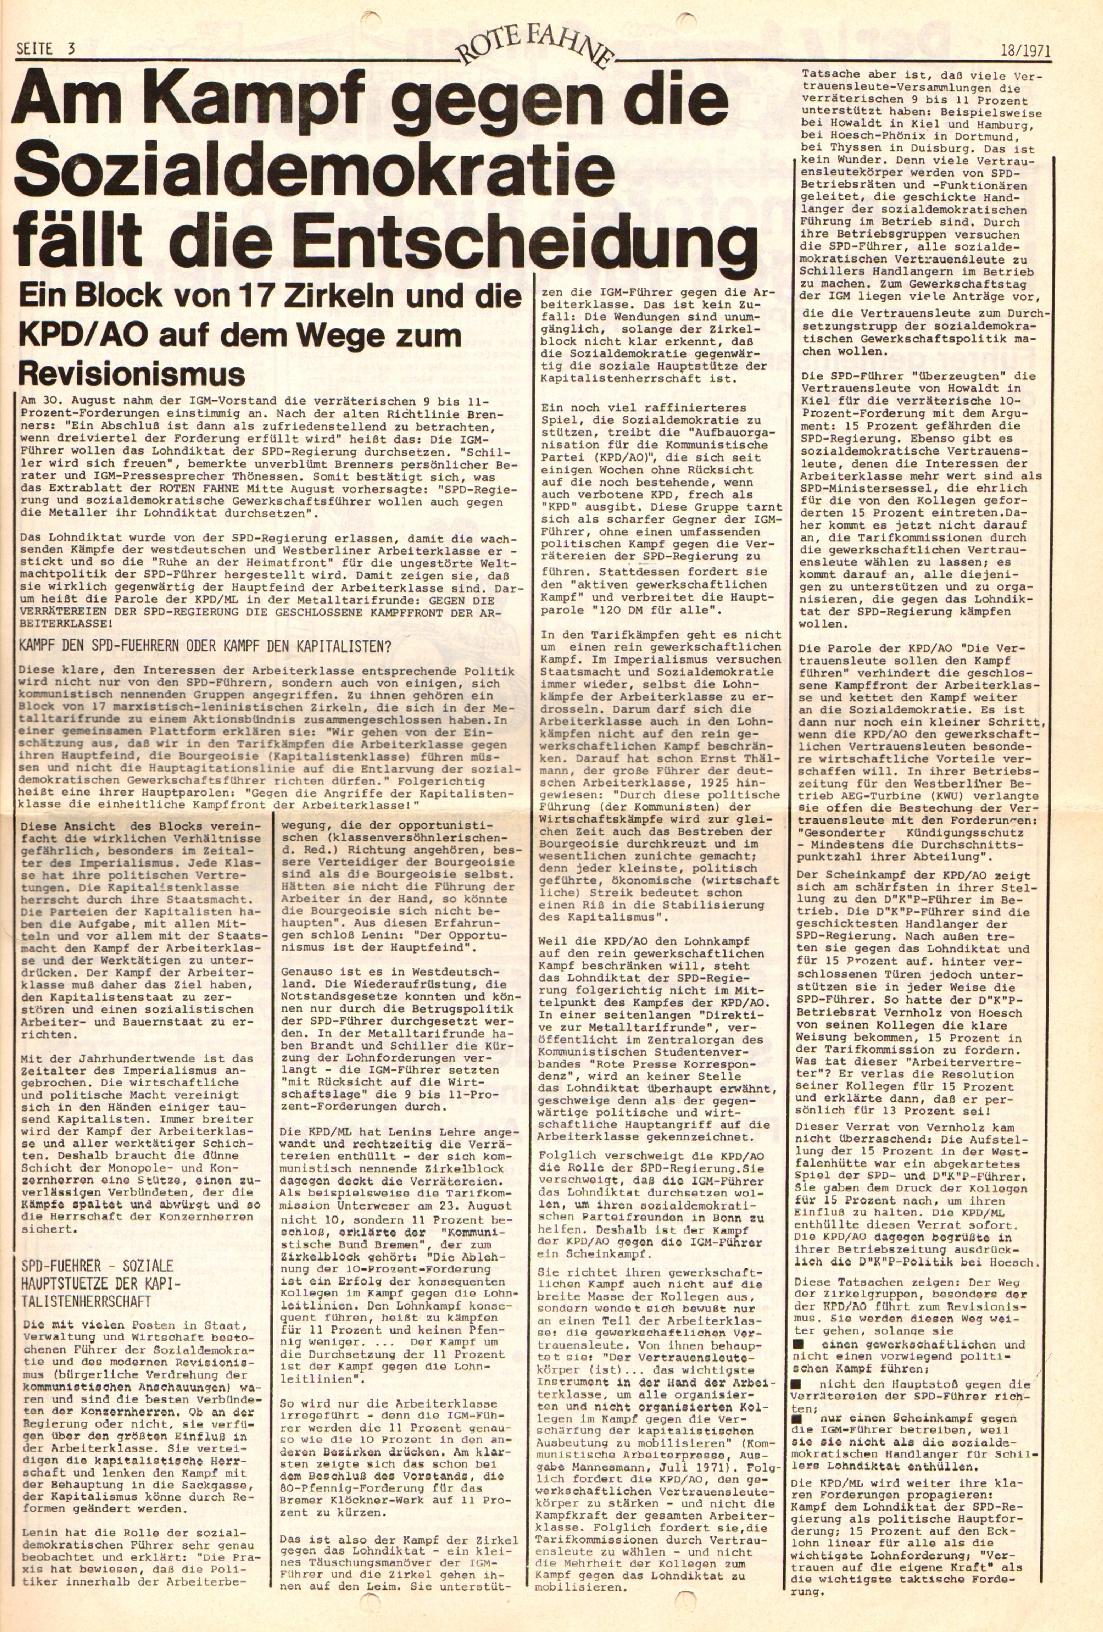 Rote Fahne, 2. Jg., 13.9.1971, Nr. 18, Seite 3